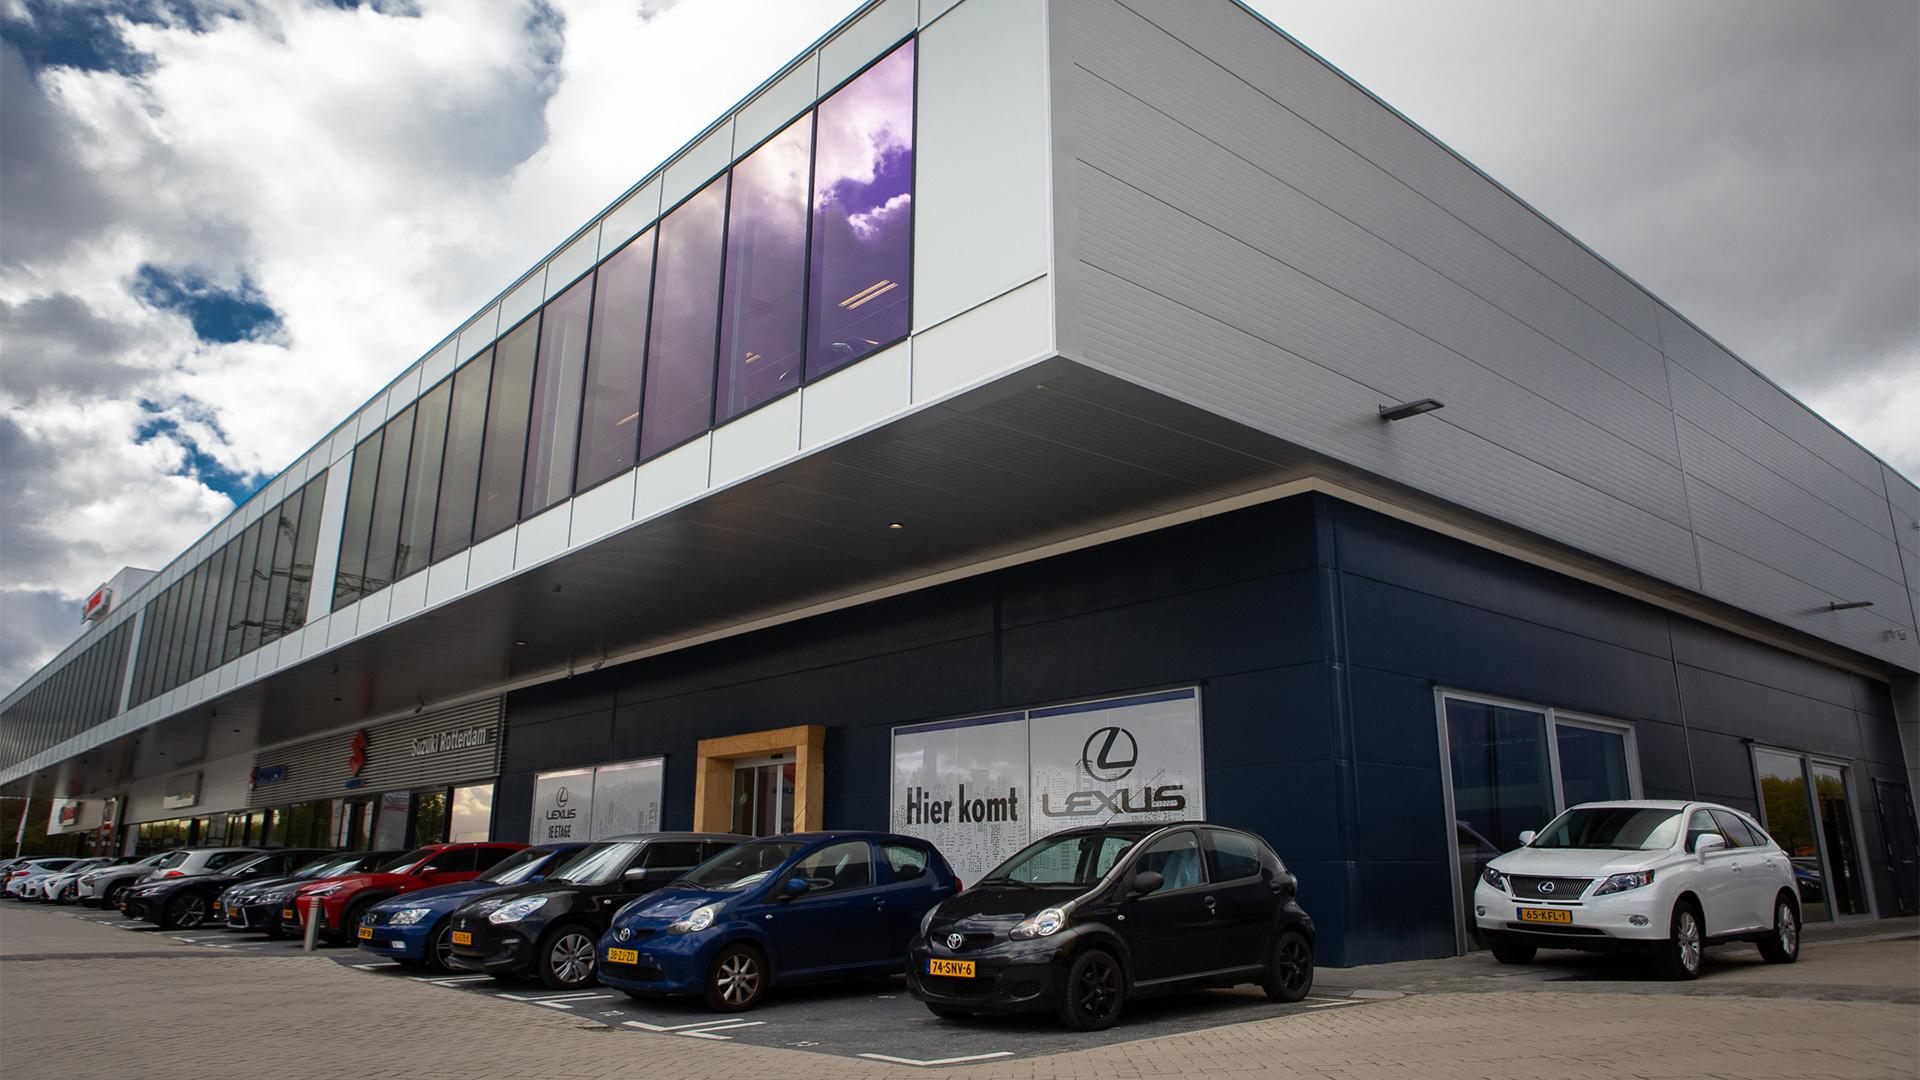 Afbeelding van het pand van Lexus Rotterdam